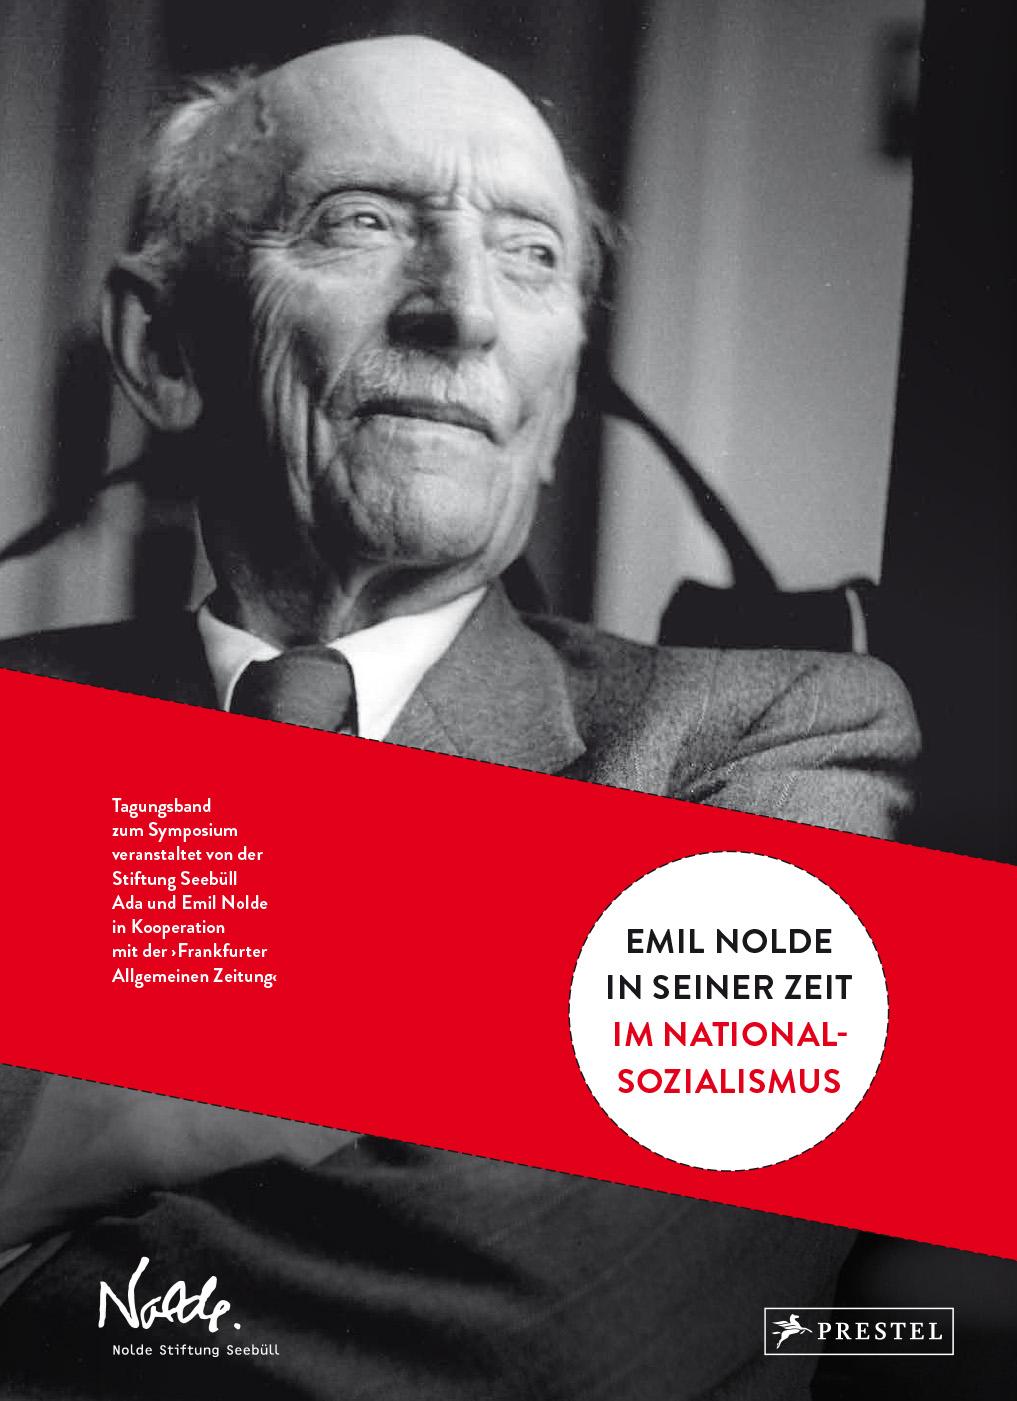 Tagungsband Emil Nolde in seiner Zeit. Im Nationalsozialismu